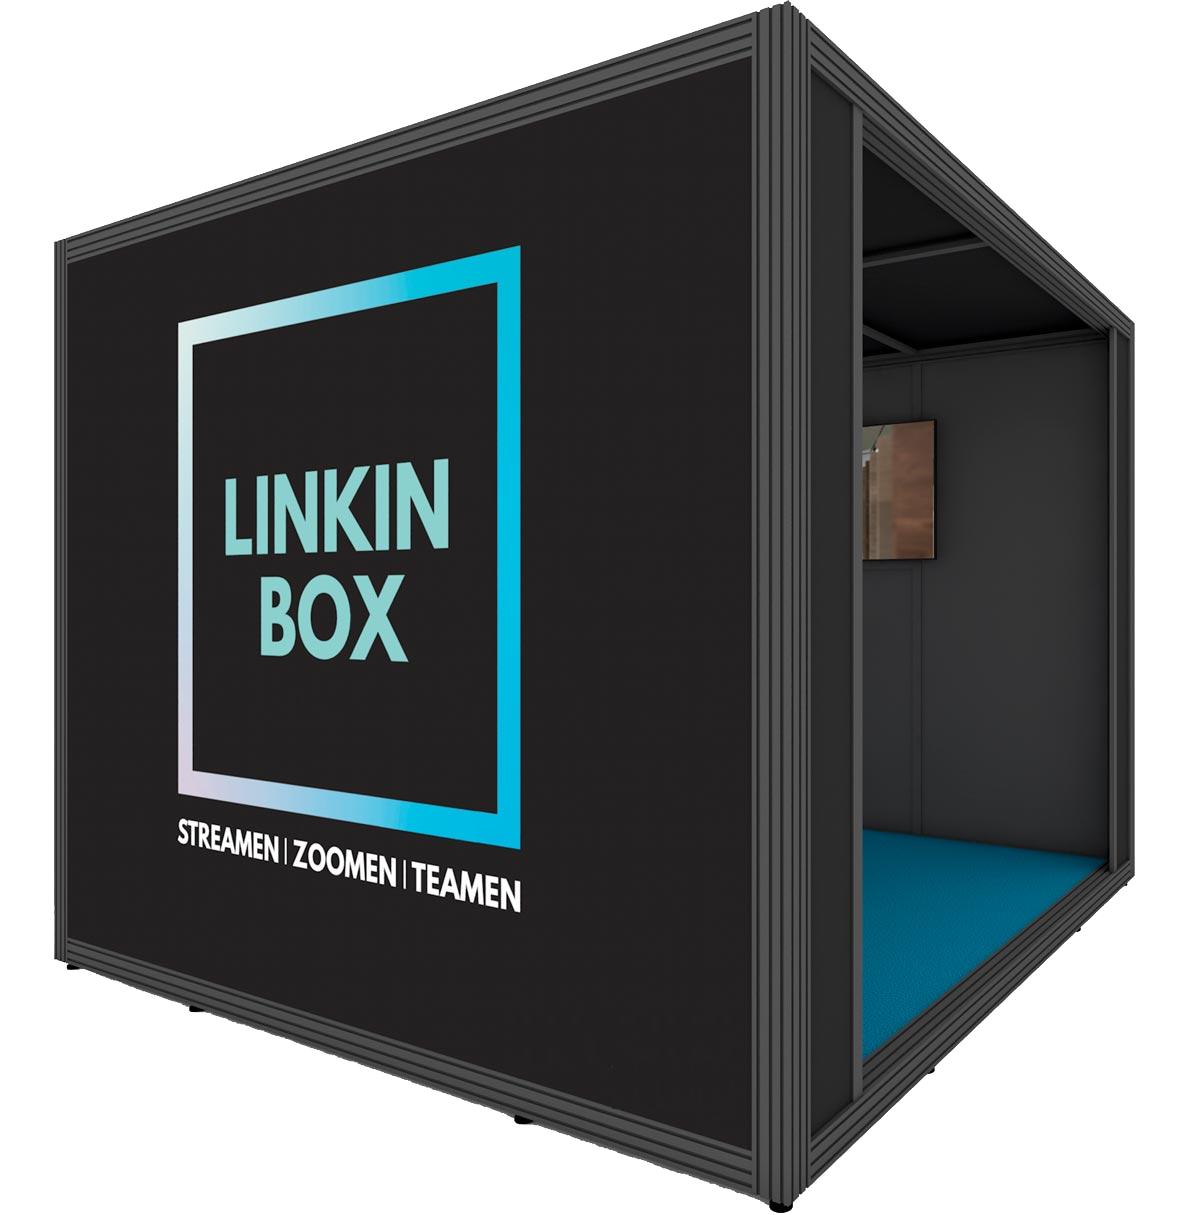 Linkin Box